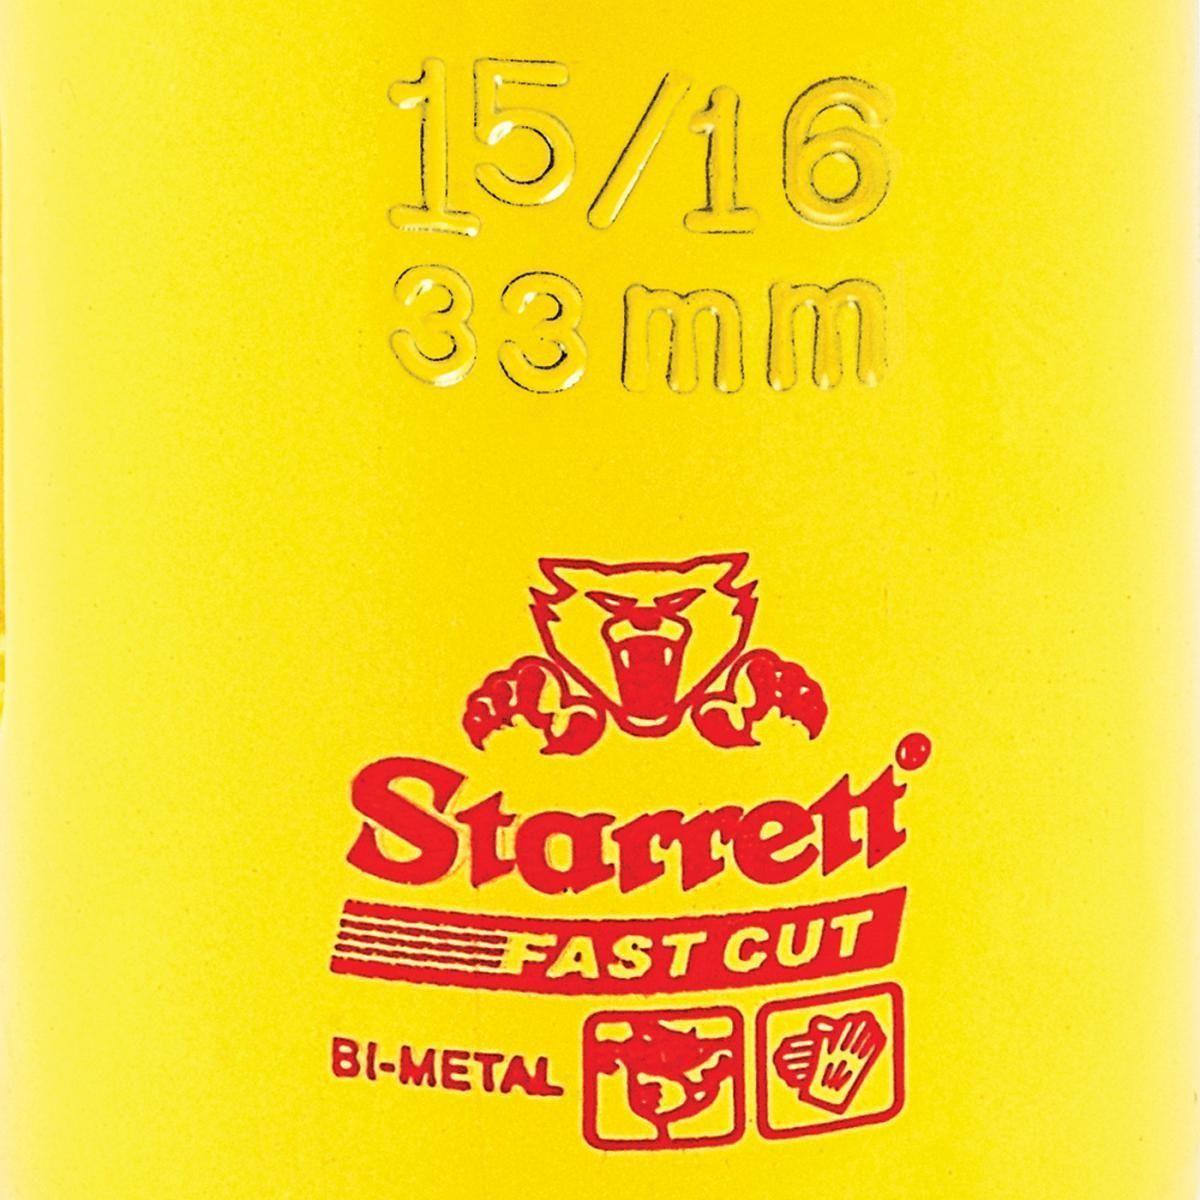 Serra Copo Fast Cut 1.5/16'' (33mm) - FCH0156-G Starret